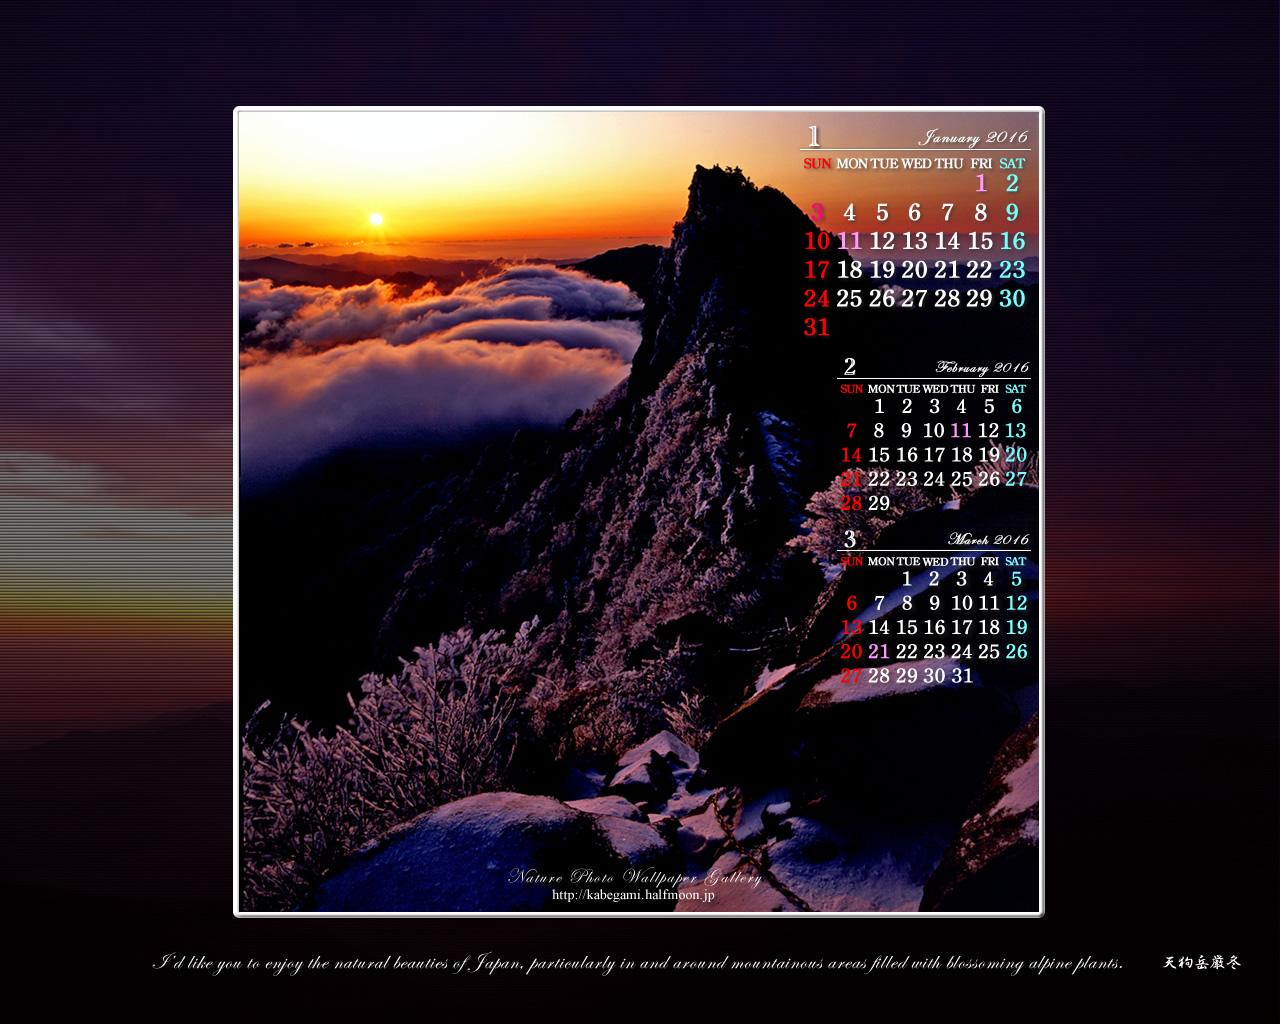 カレンダー 3ヶ月カレンダー : 今月の壁紙カレンダー「天狗岳 ...